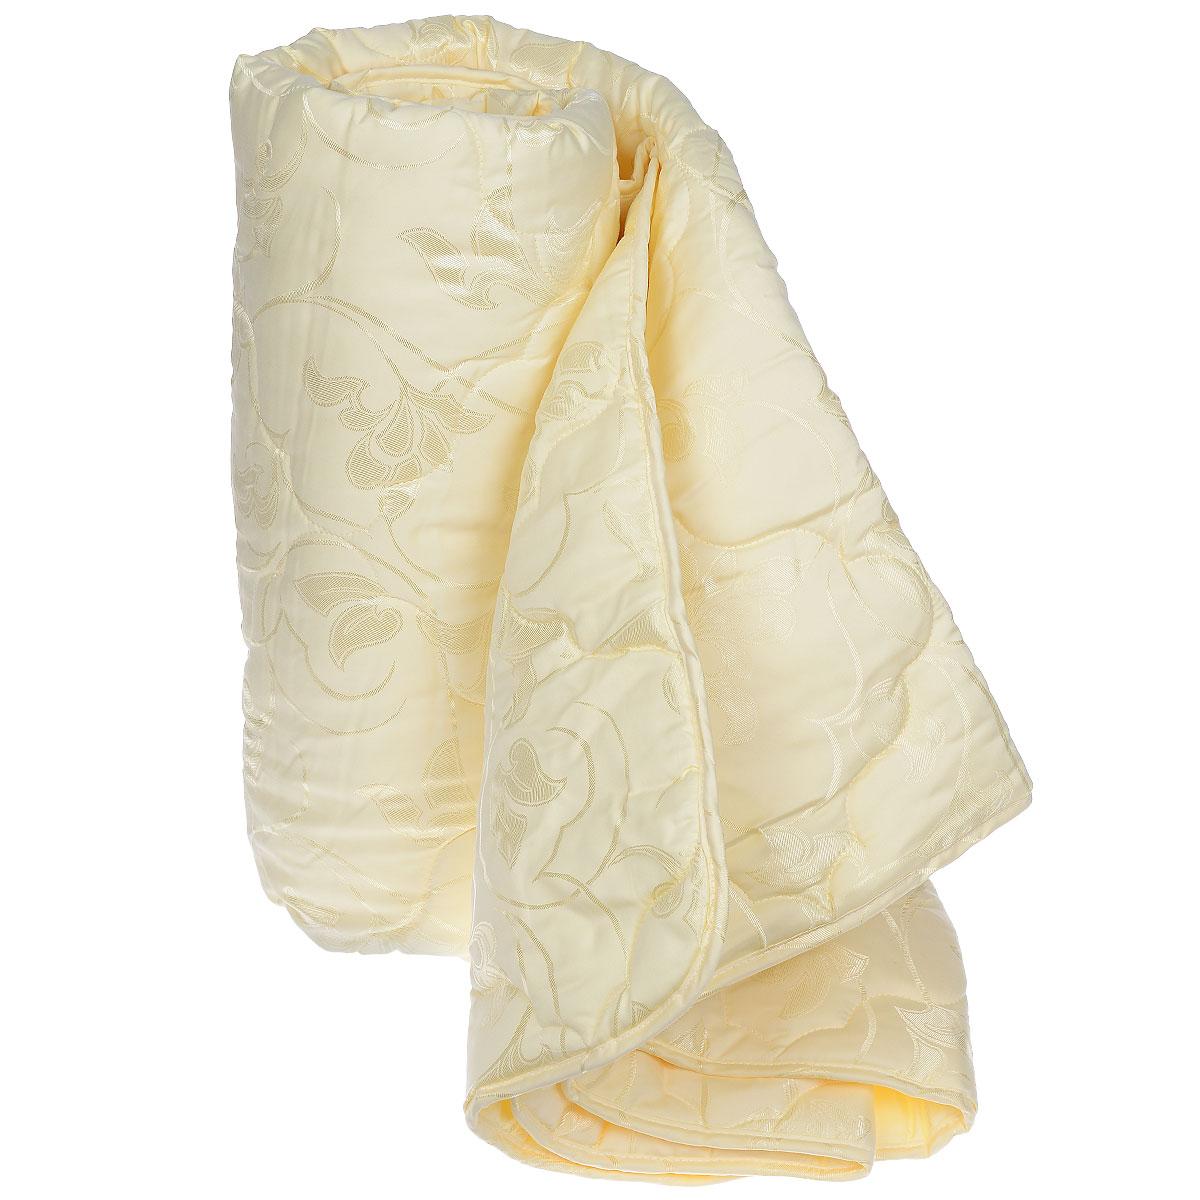 """Одеяло """"Sova & Javoronok"""", наполнитель: шелковое волокно, цвет: бежевый, 140 х 205 см"""